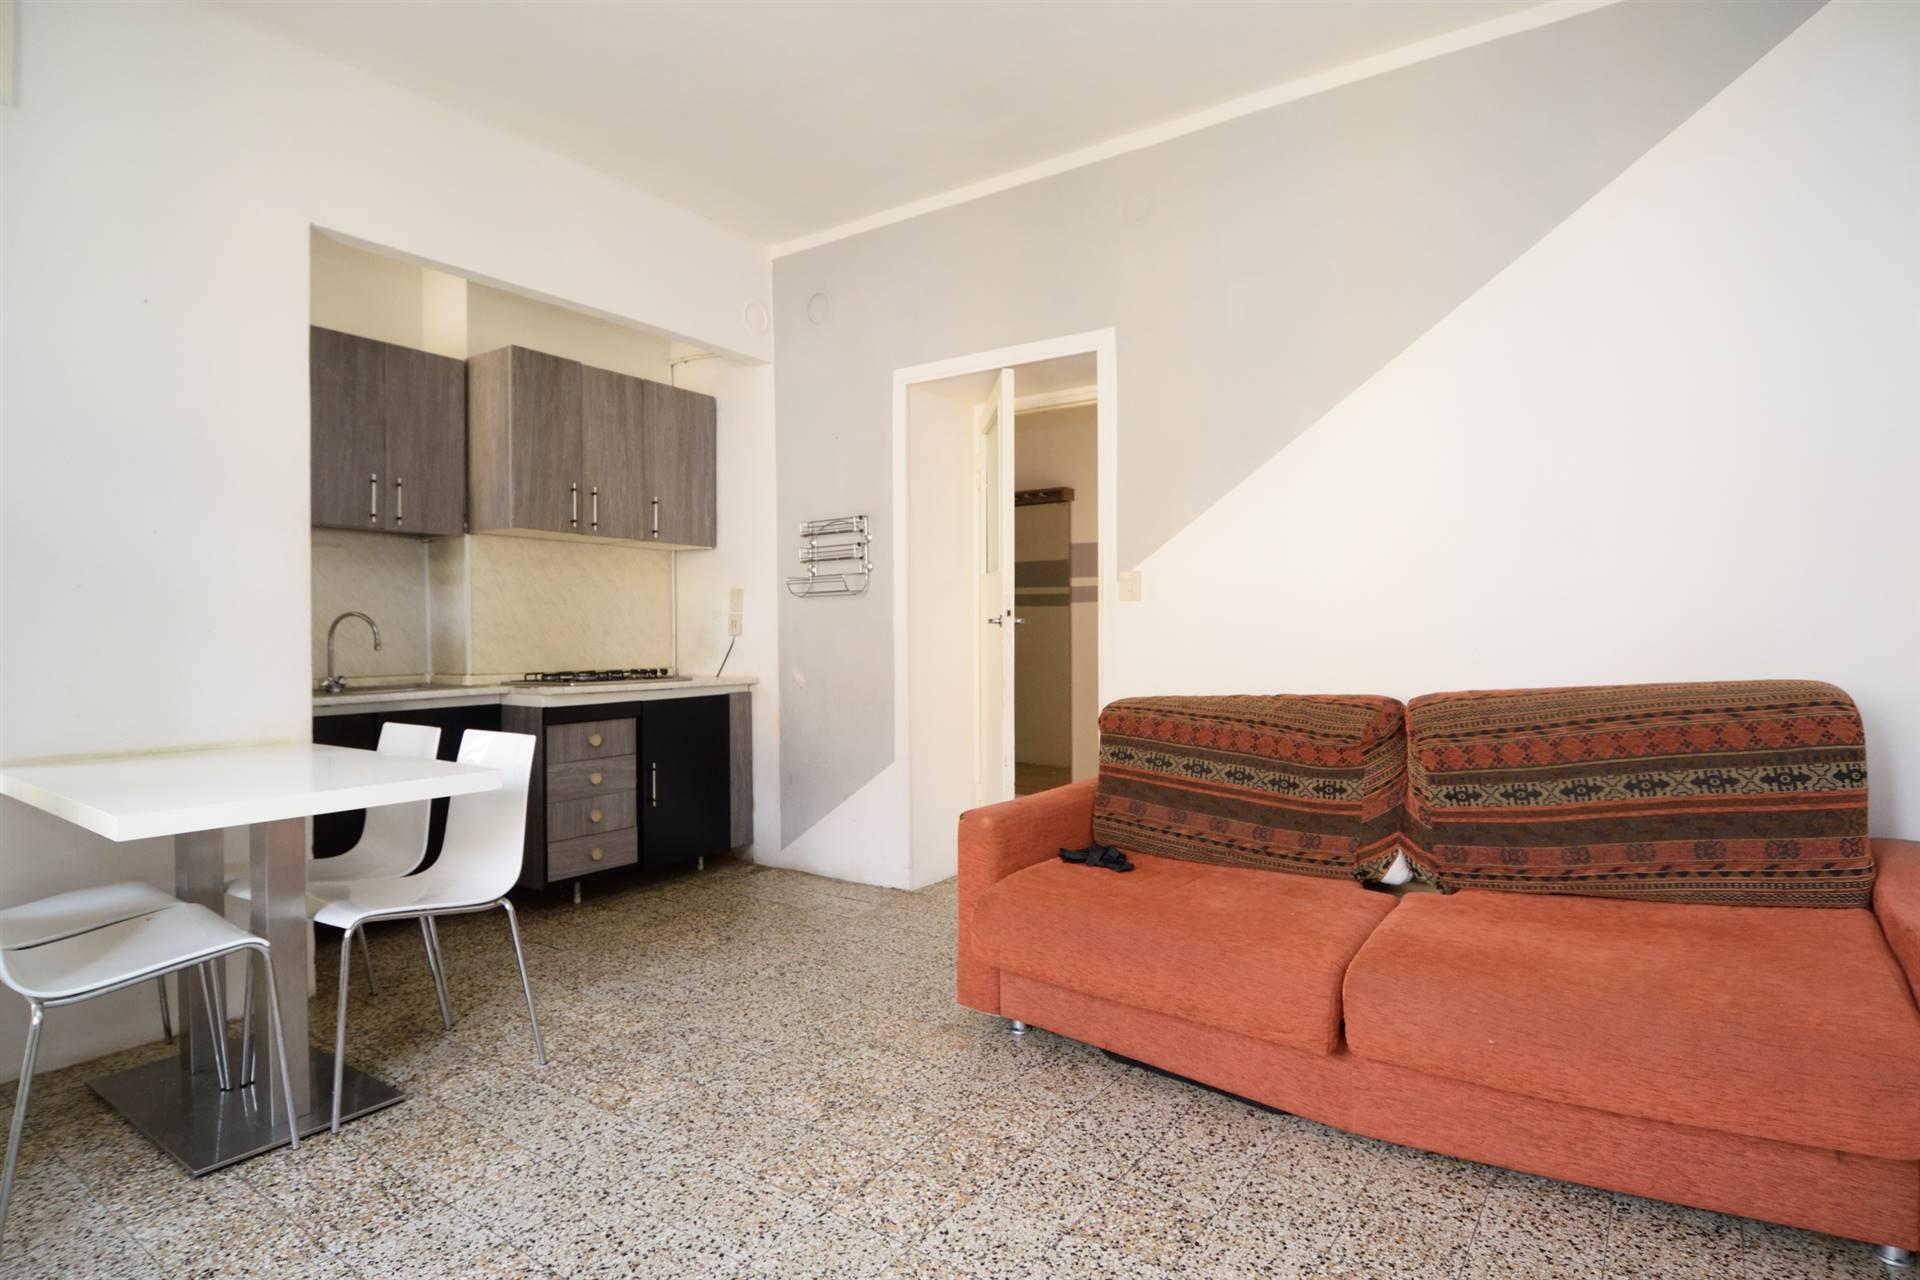 Appartamento in vendita a Biella, 3 locali, zona feria, prezzo € 16.000 | PortaleAgenzieImmobiliari.it